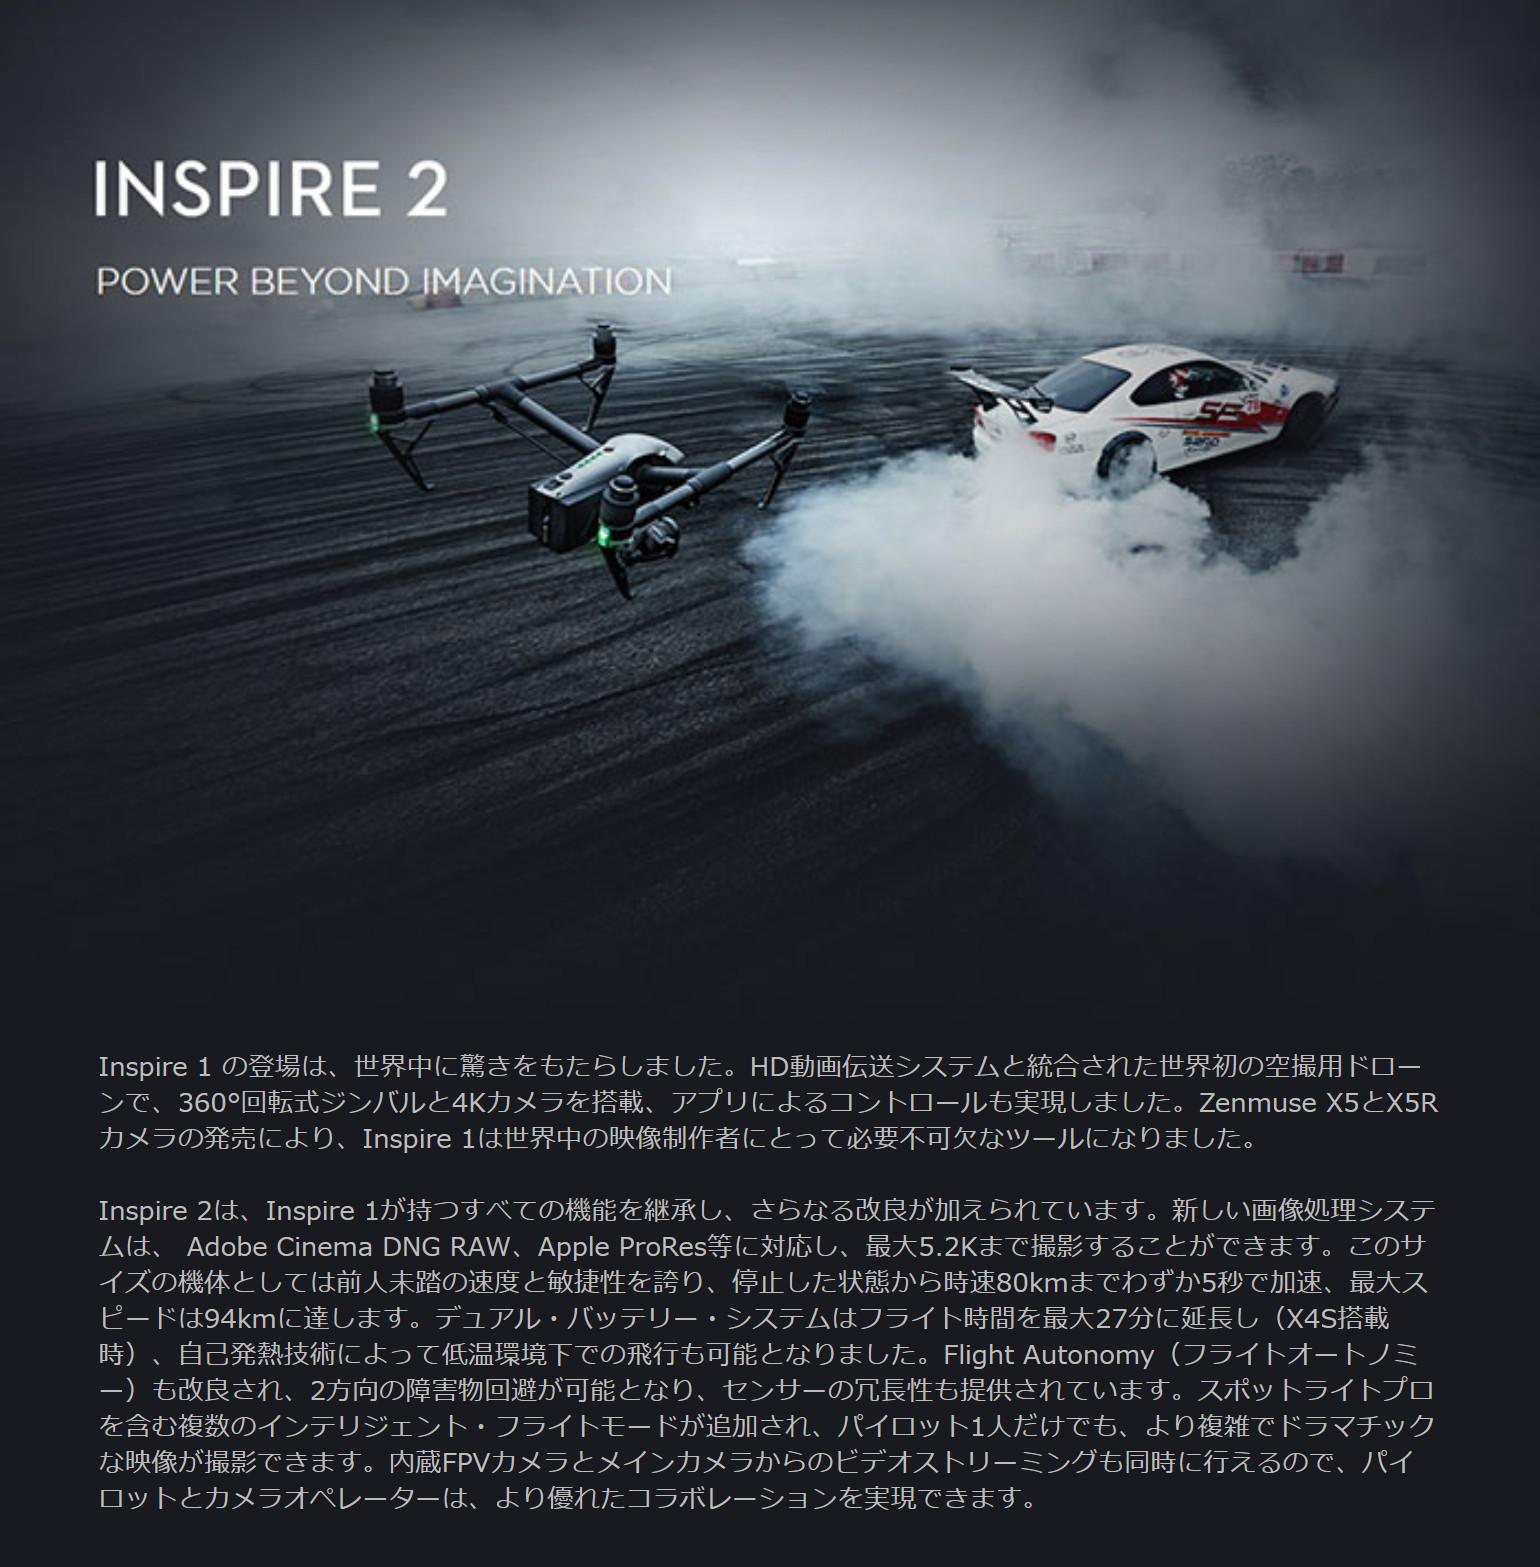 Inspire 1の登場は、世界中に驚きをもたらしました。HD動画伝送システムと統合された世界初の空撮ドローンで、360°回転式ジンバルと4Kカメラを搭載、アプリによるコントロールも実現しました。Zenmuse X5とX5Rカメラの発売により、Inspire 1は世界中の映像制作者にとって必要不可欠なツールになりました。Inspire 2は、Inspire 1が持つすべての機能を継承し、さらに改良が加えられています。新しい画像処理システムは、Adobw Cinema DNG RAW、Appke Pro Res等に対応し、最大5.2Kまで撮影することが出来ます。このサーズの機体としては前人未到の速度と敏捷性を誇り、停止した状態から時速80kmまでわずか5秒で加速、最大スピードは94kmに達します。デュアル・バッテリーシステムはフライト時間を最大27分に延長し、自己発熱技術によって低温環境下での飛行も可能となりました。Flight Autonomy(フライトオートノミー)も改良され、2方向の障害物回避が可能となり、センサーの冗長性も提供されています。スポットライトプロを含む複数のインテリジェント・フライトモードが追加され、パイロット一人だけでも、より複雑でドラマティックな映像が撮影できます。内臓FPVカメラとメインカメラからのビデオストリーミングも同時に伝えるので、パイロットとカメラオペレーターは、より優れたコラボレーションを実現できます。